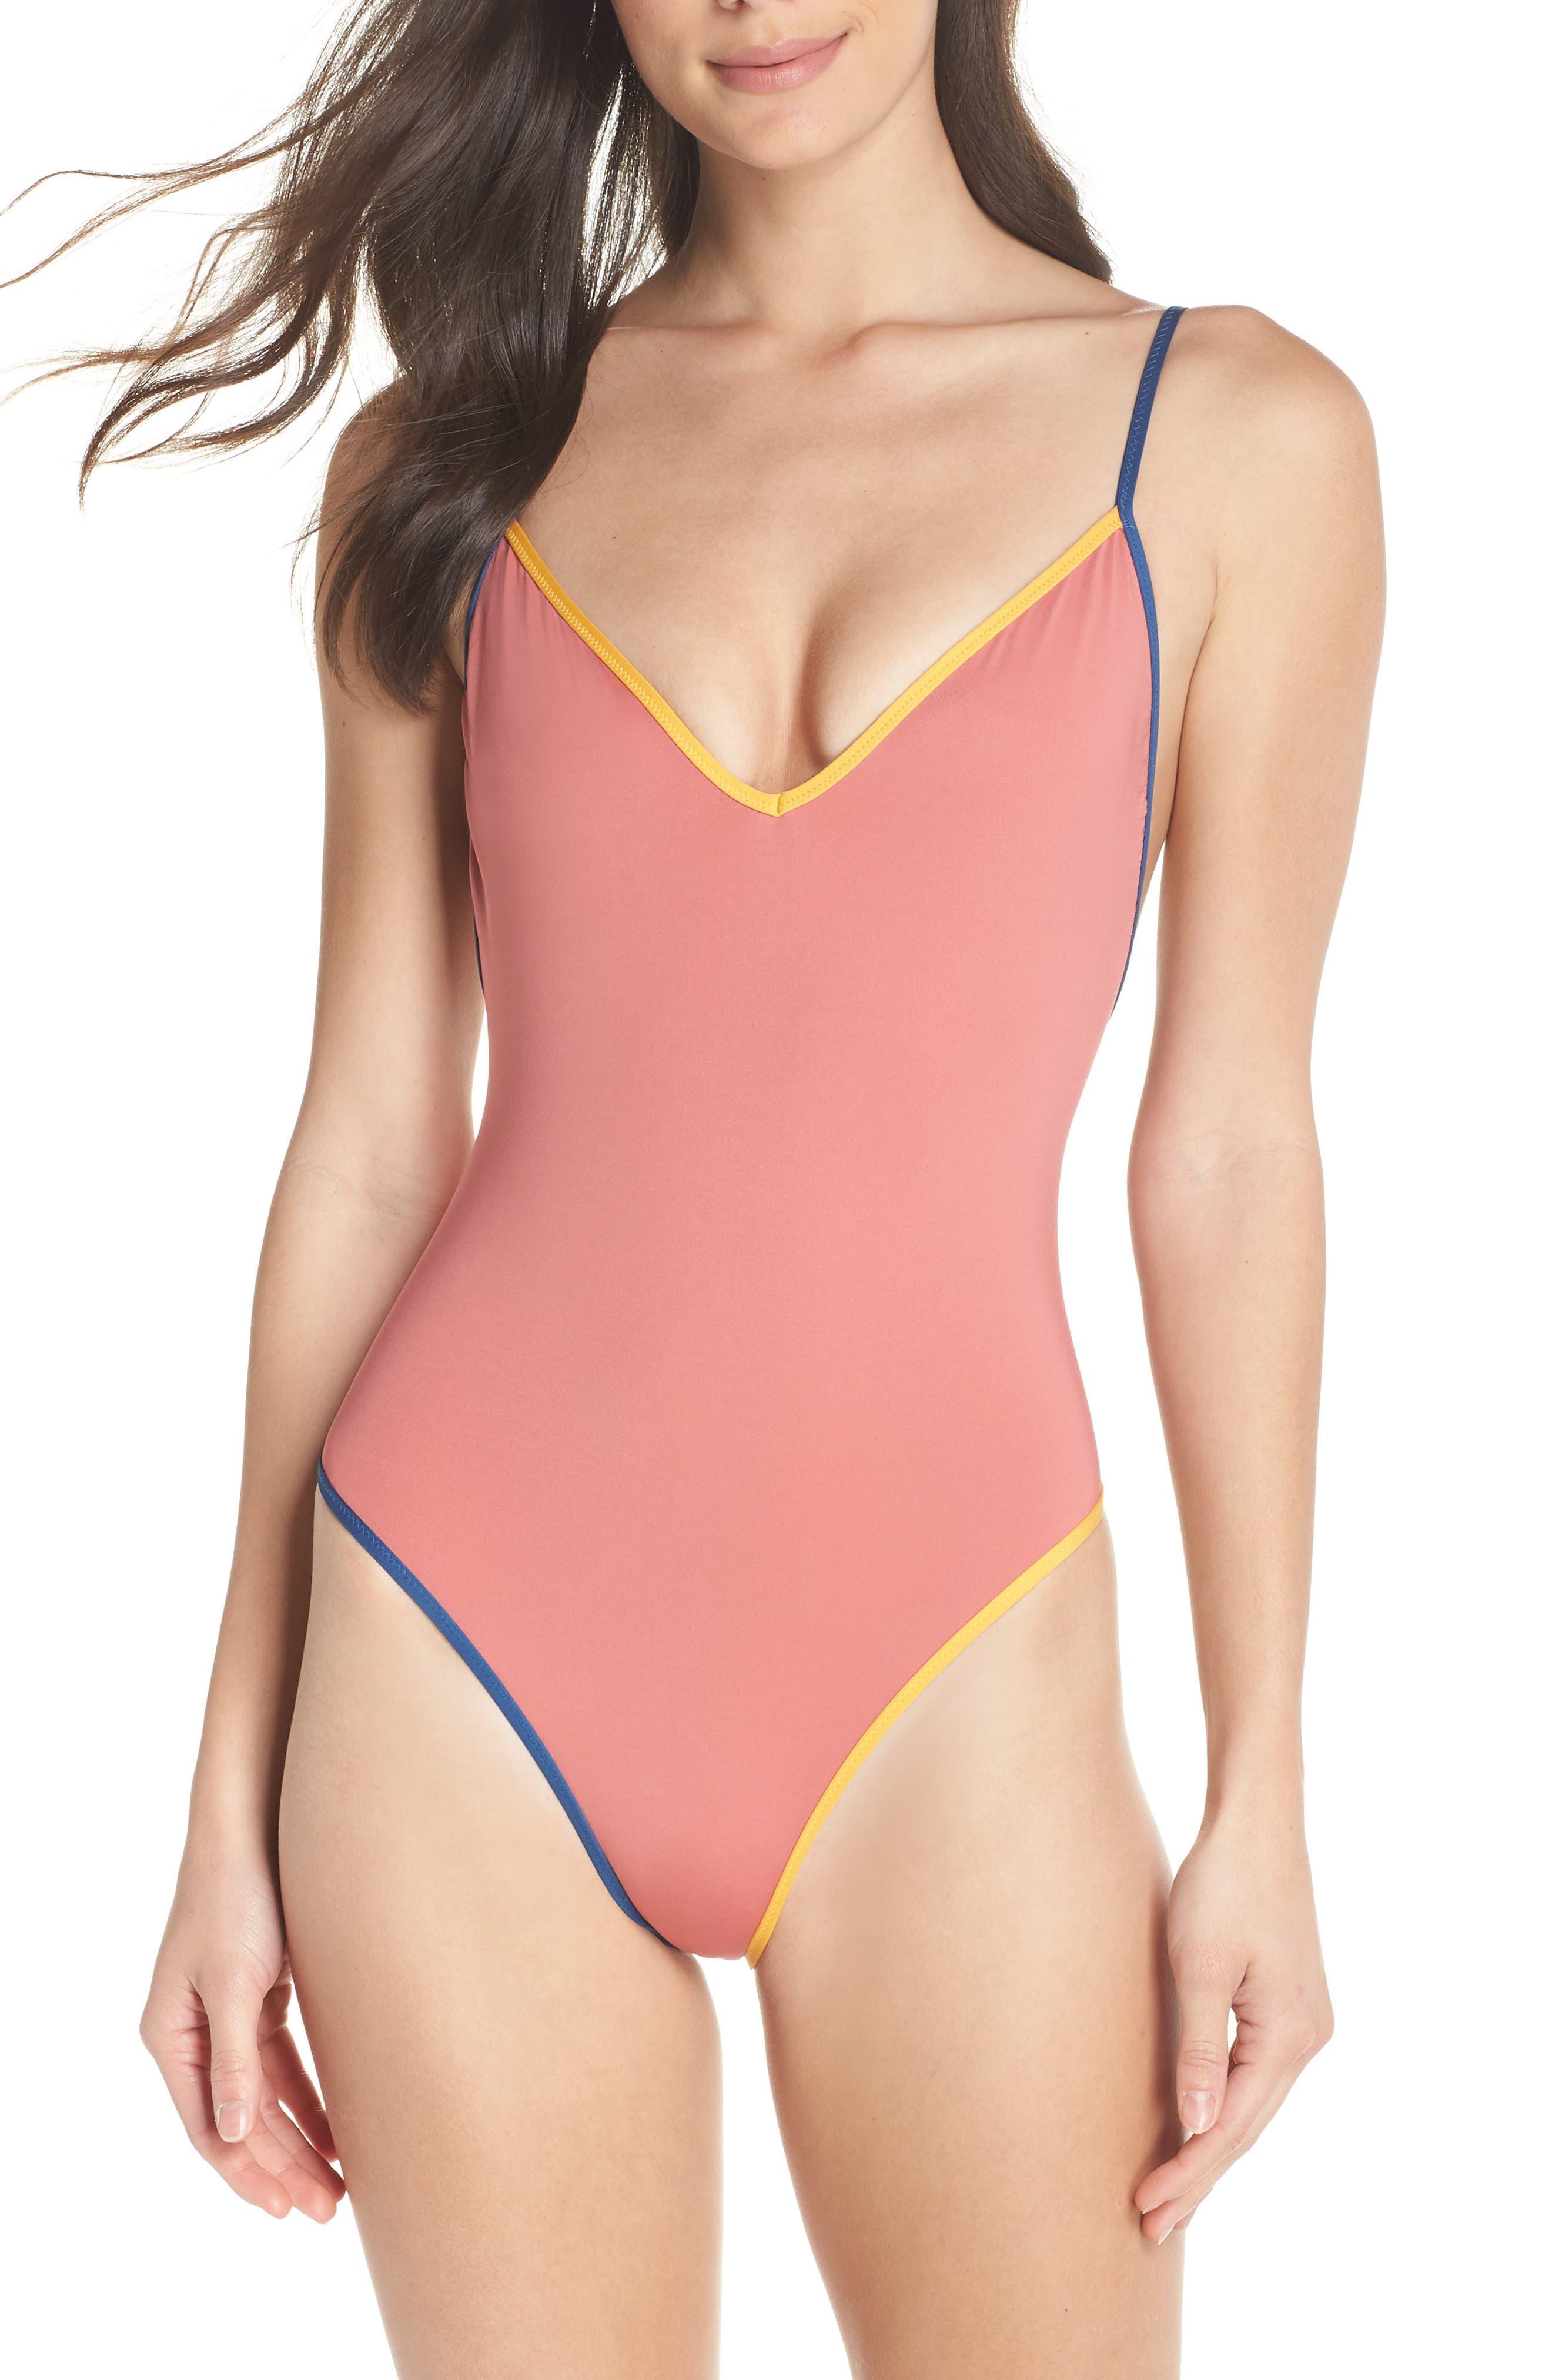 J.Crew Playa Montauk Strappy One-Piece Swimsuit